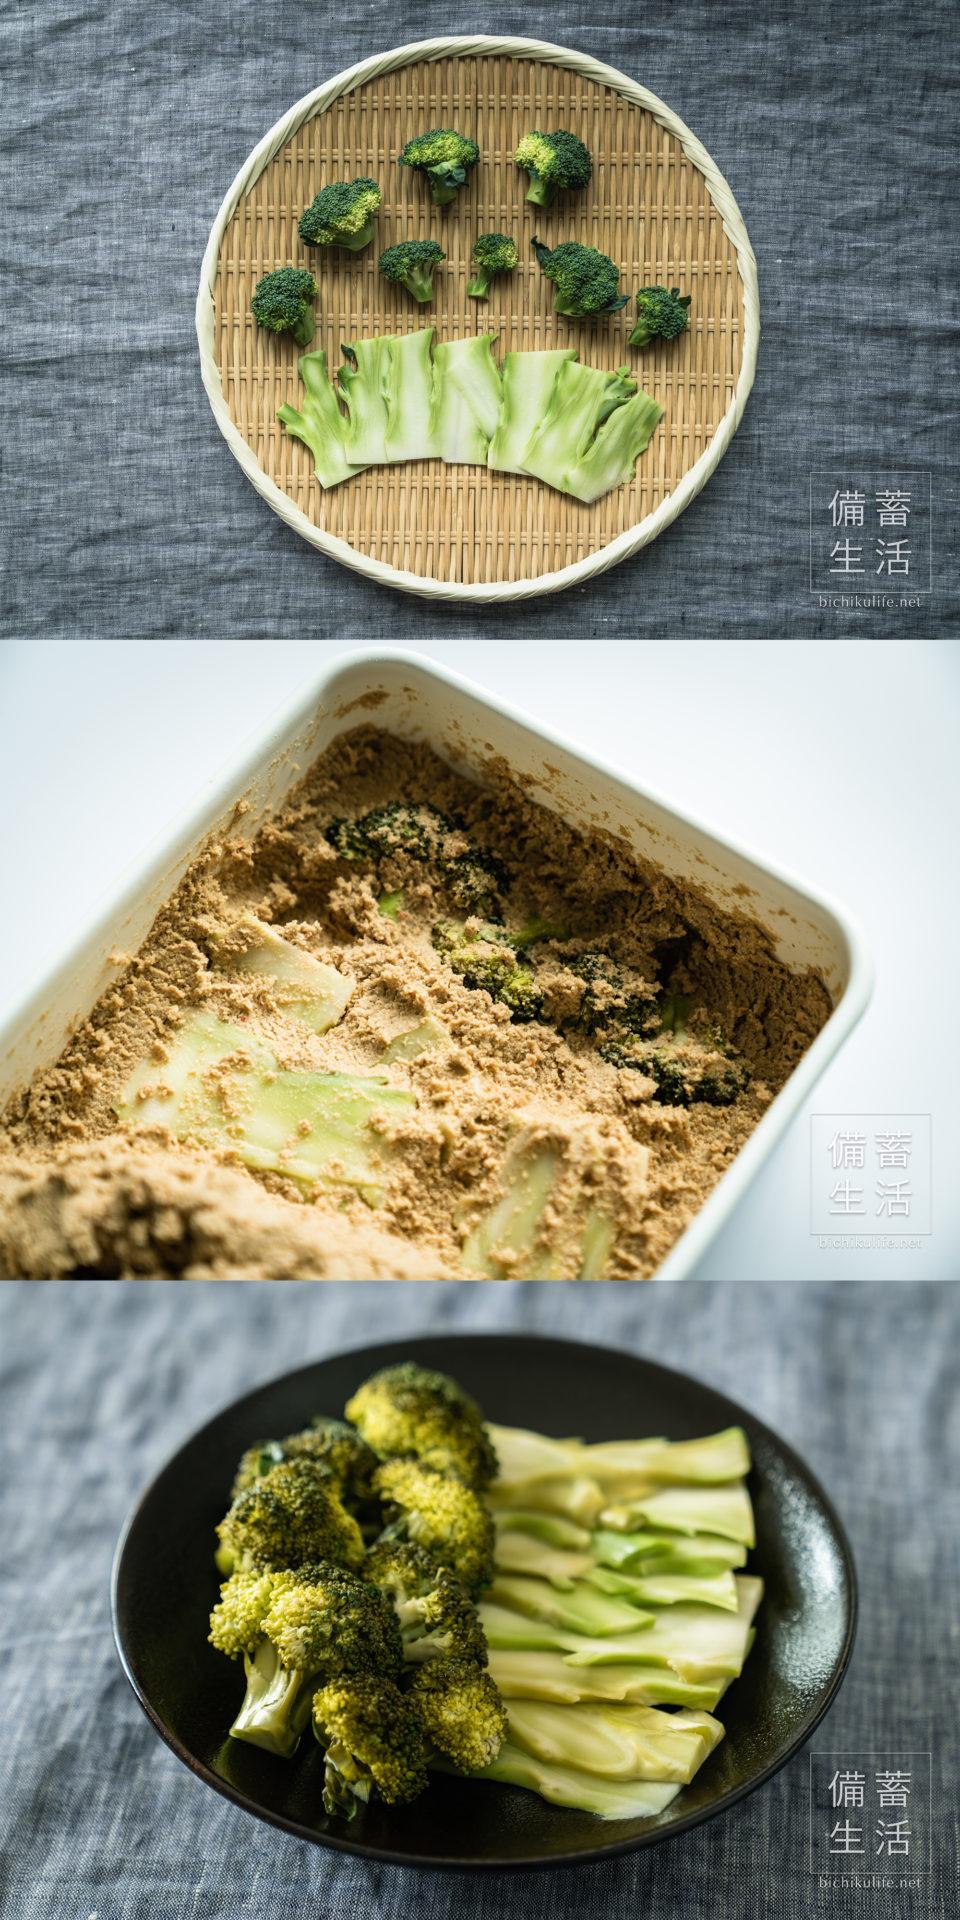 ブロッコリーのぬか漬けの作り方・レシピ